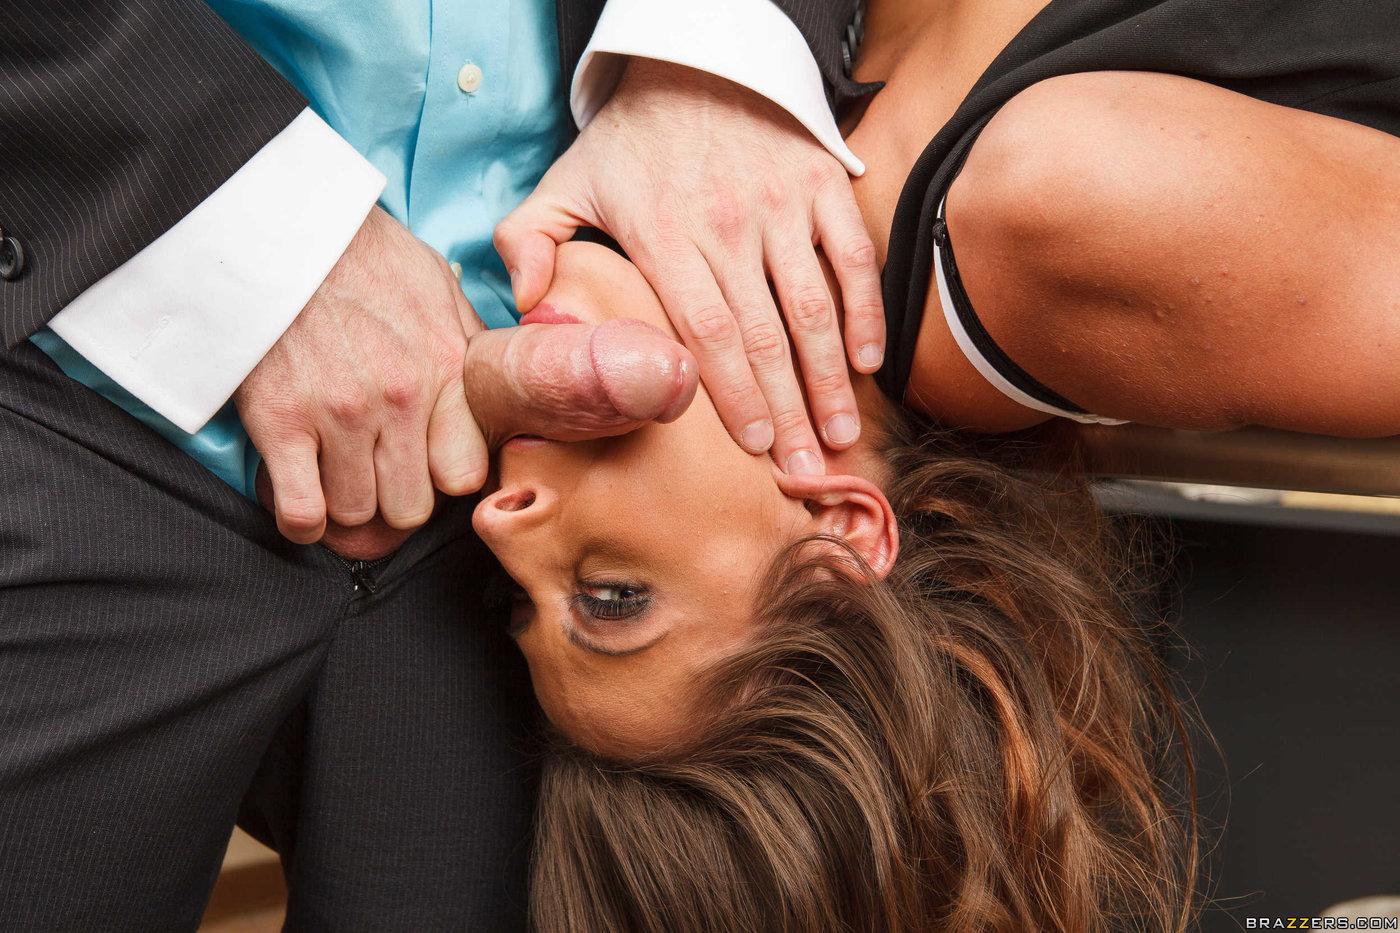 обои эротической сосет у босса под столом порно связи этим